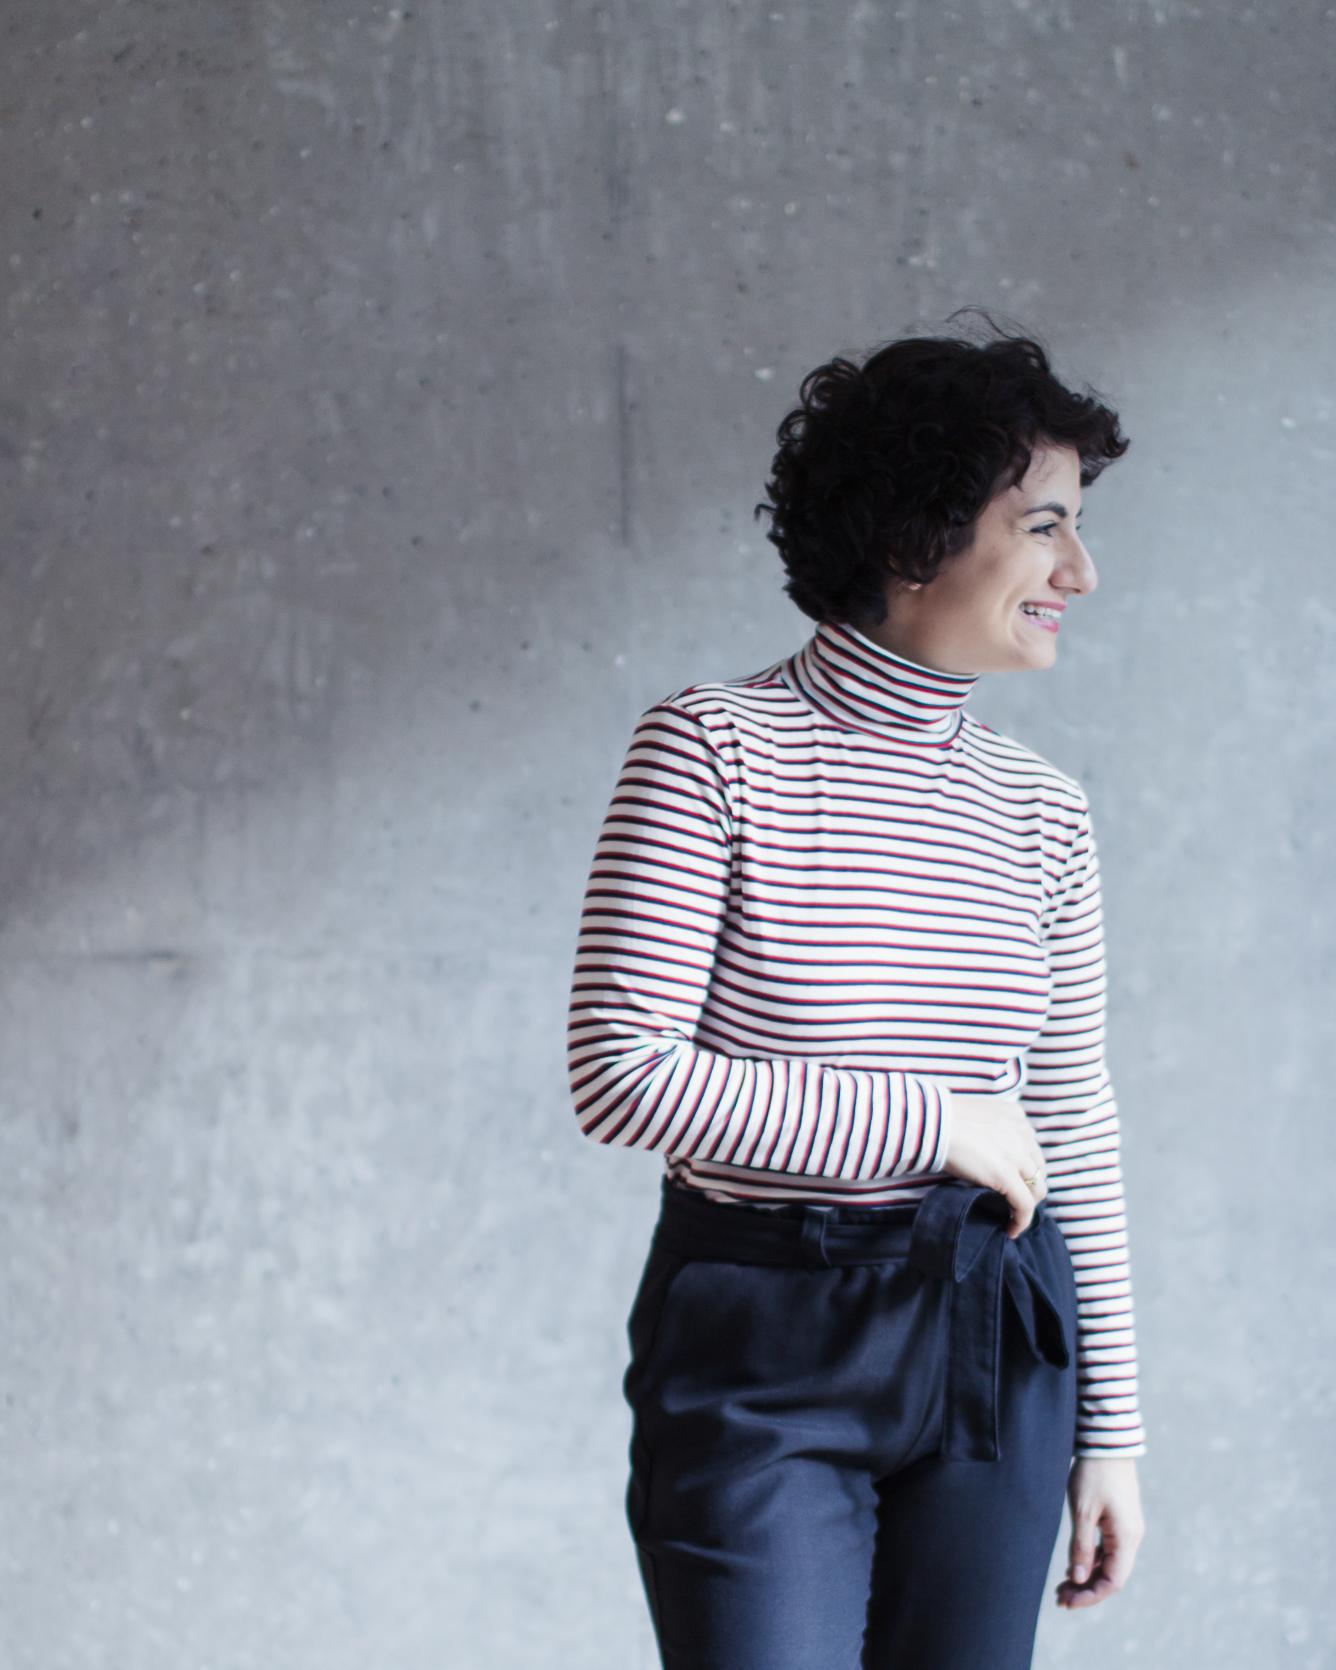 Nähanleitung und Schnittmuster Rollkragenpullover und Rollkragenpullover Modular Collection - Schnittduett - Moderne Schnittmuster für Damen, die minimalistische Mode lieben